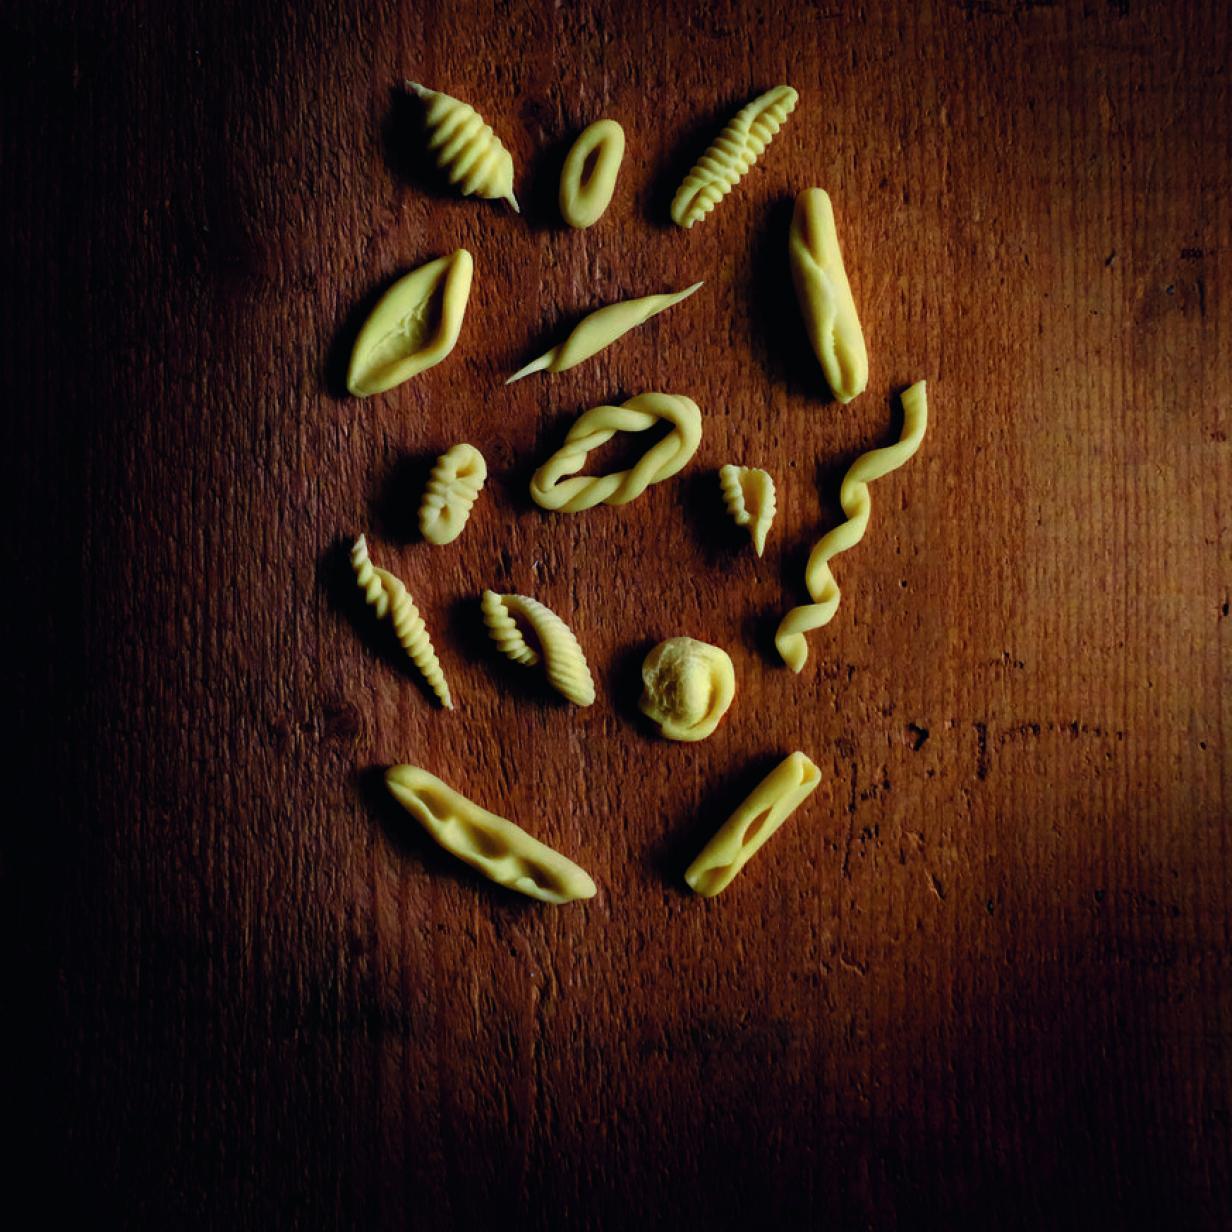 Handgemachte Pasta ist der nächste große Craft-Trend